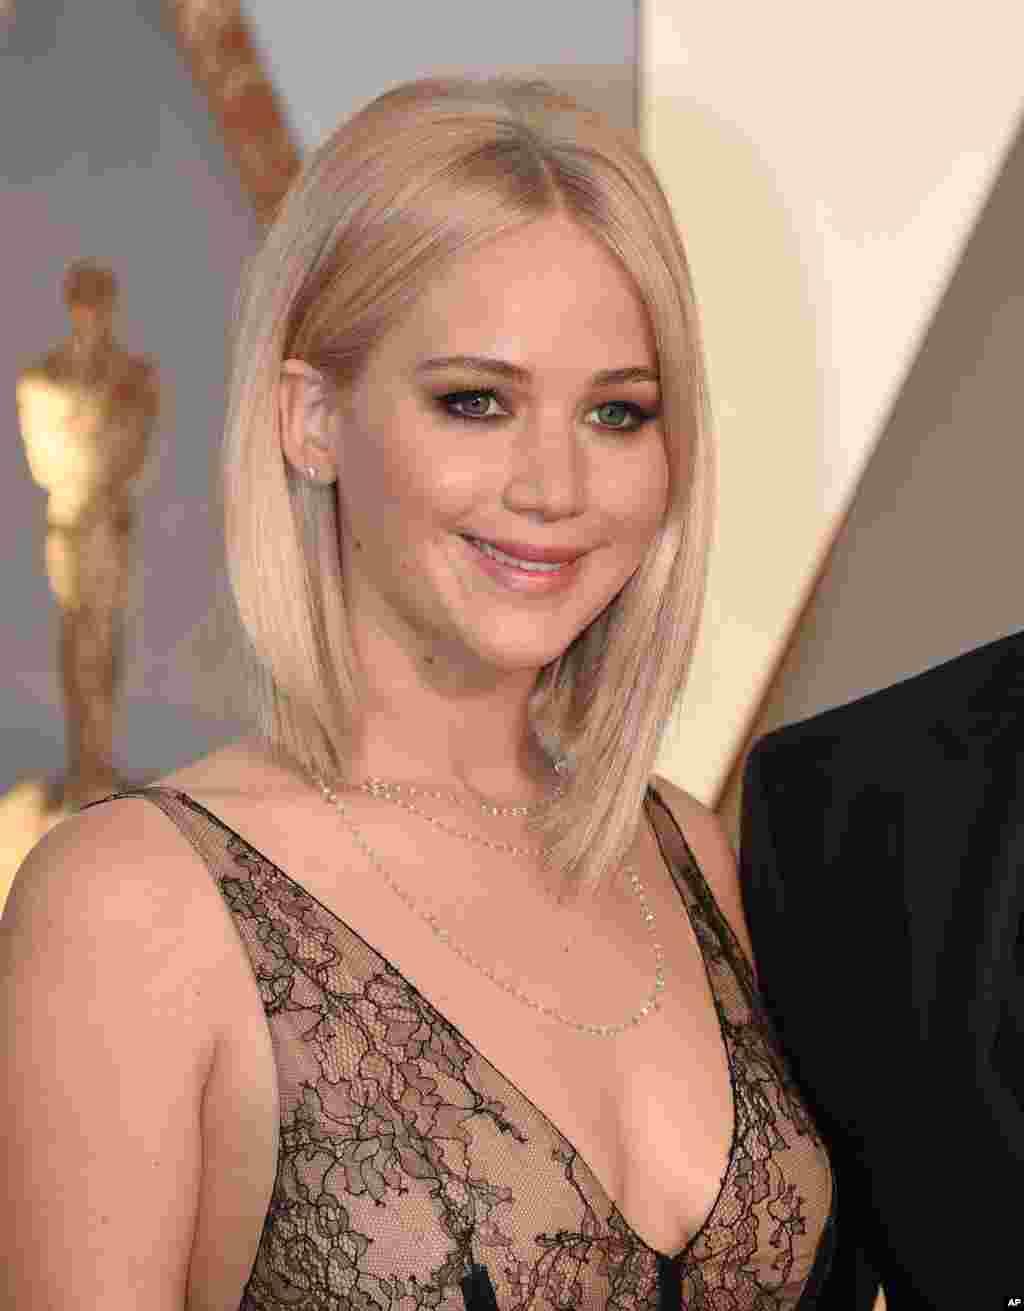 جنیفر لورنس برای فیلم جوی، نامزد بهترین بازیگر زن نقش اول شده است.